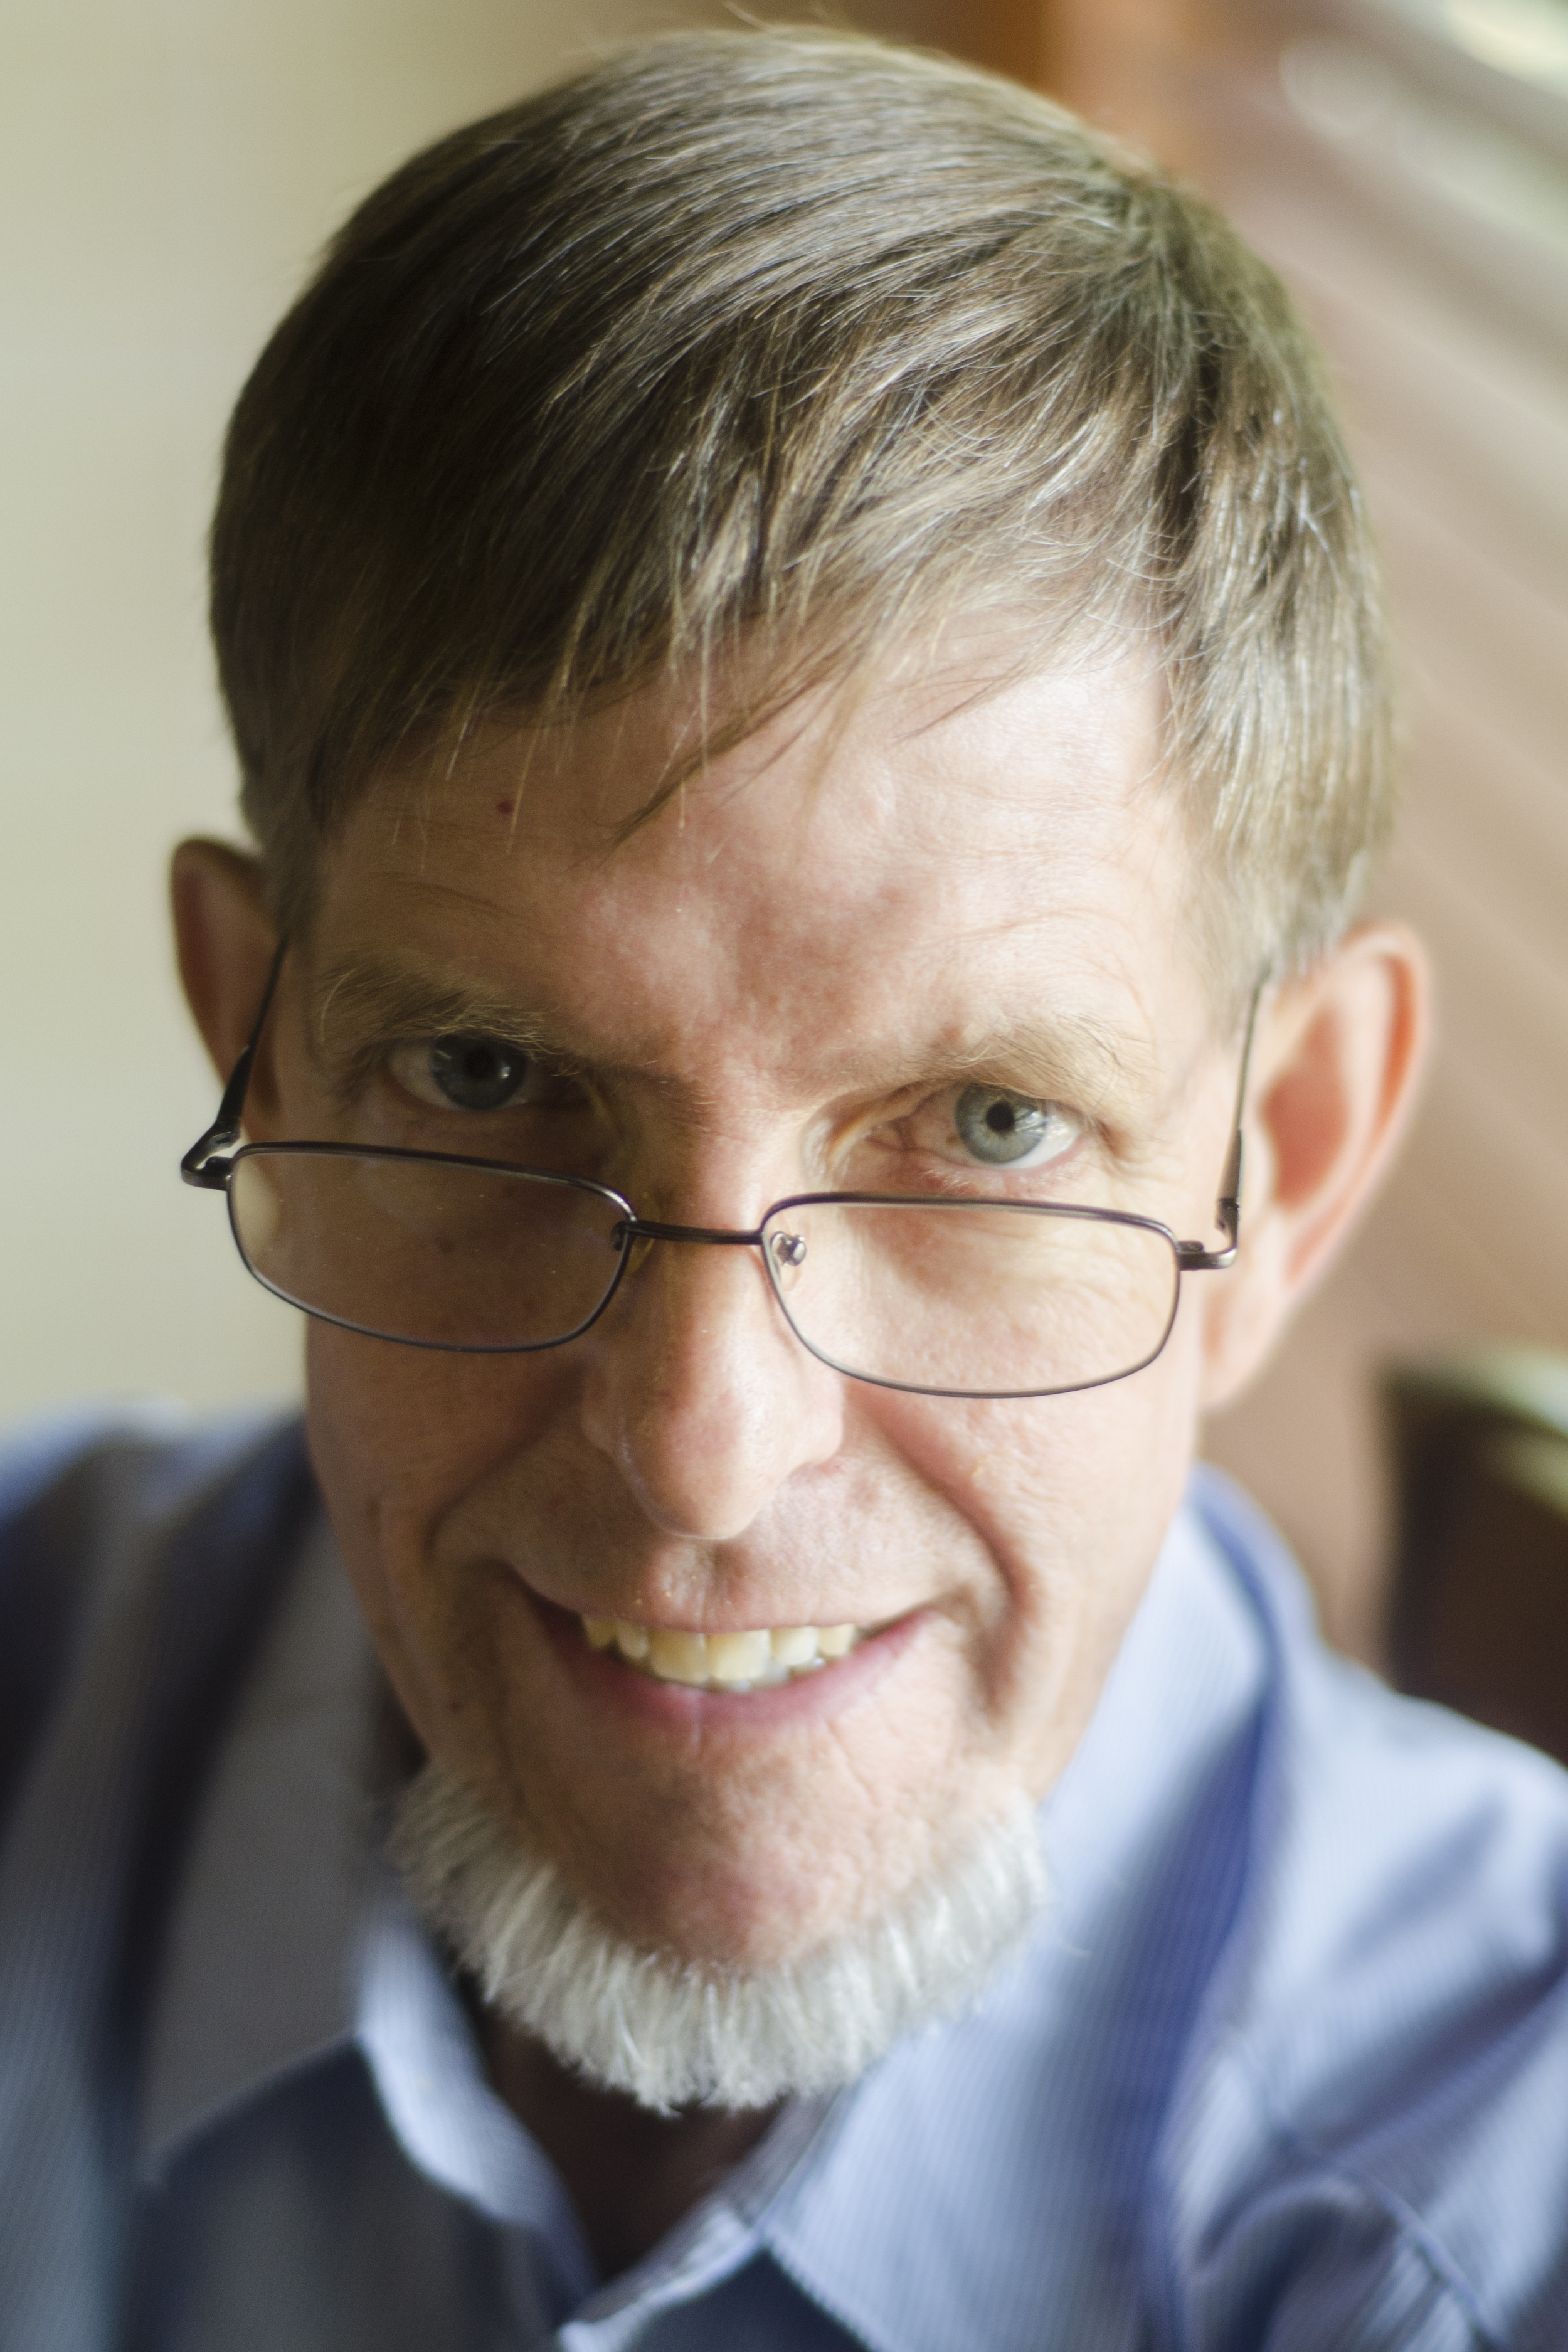 Ronald Douglas Cleveland, July 28, 1950 - Dec. 18, 2013